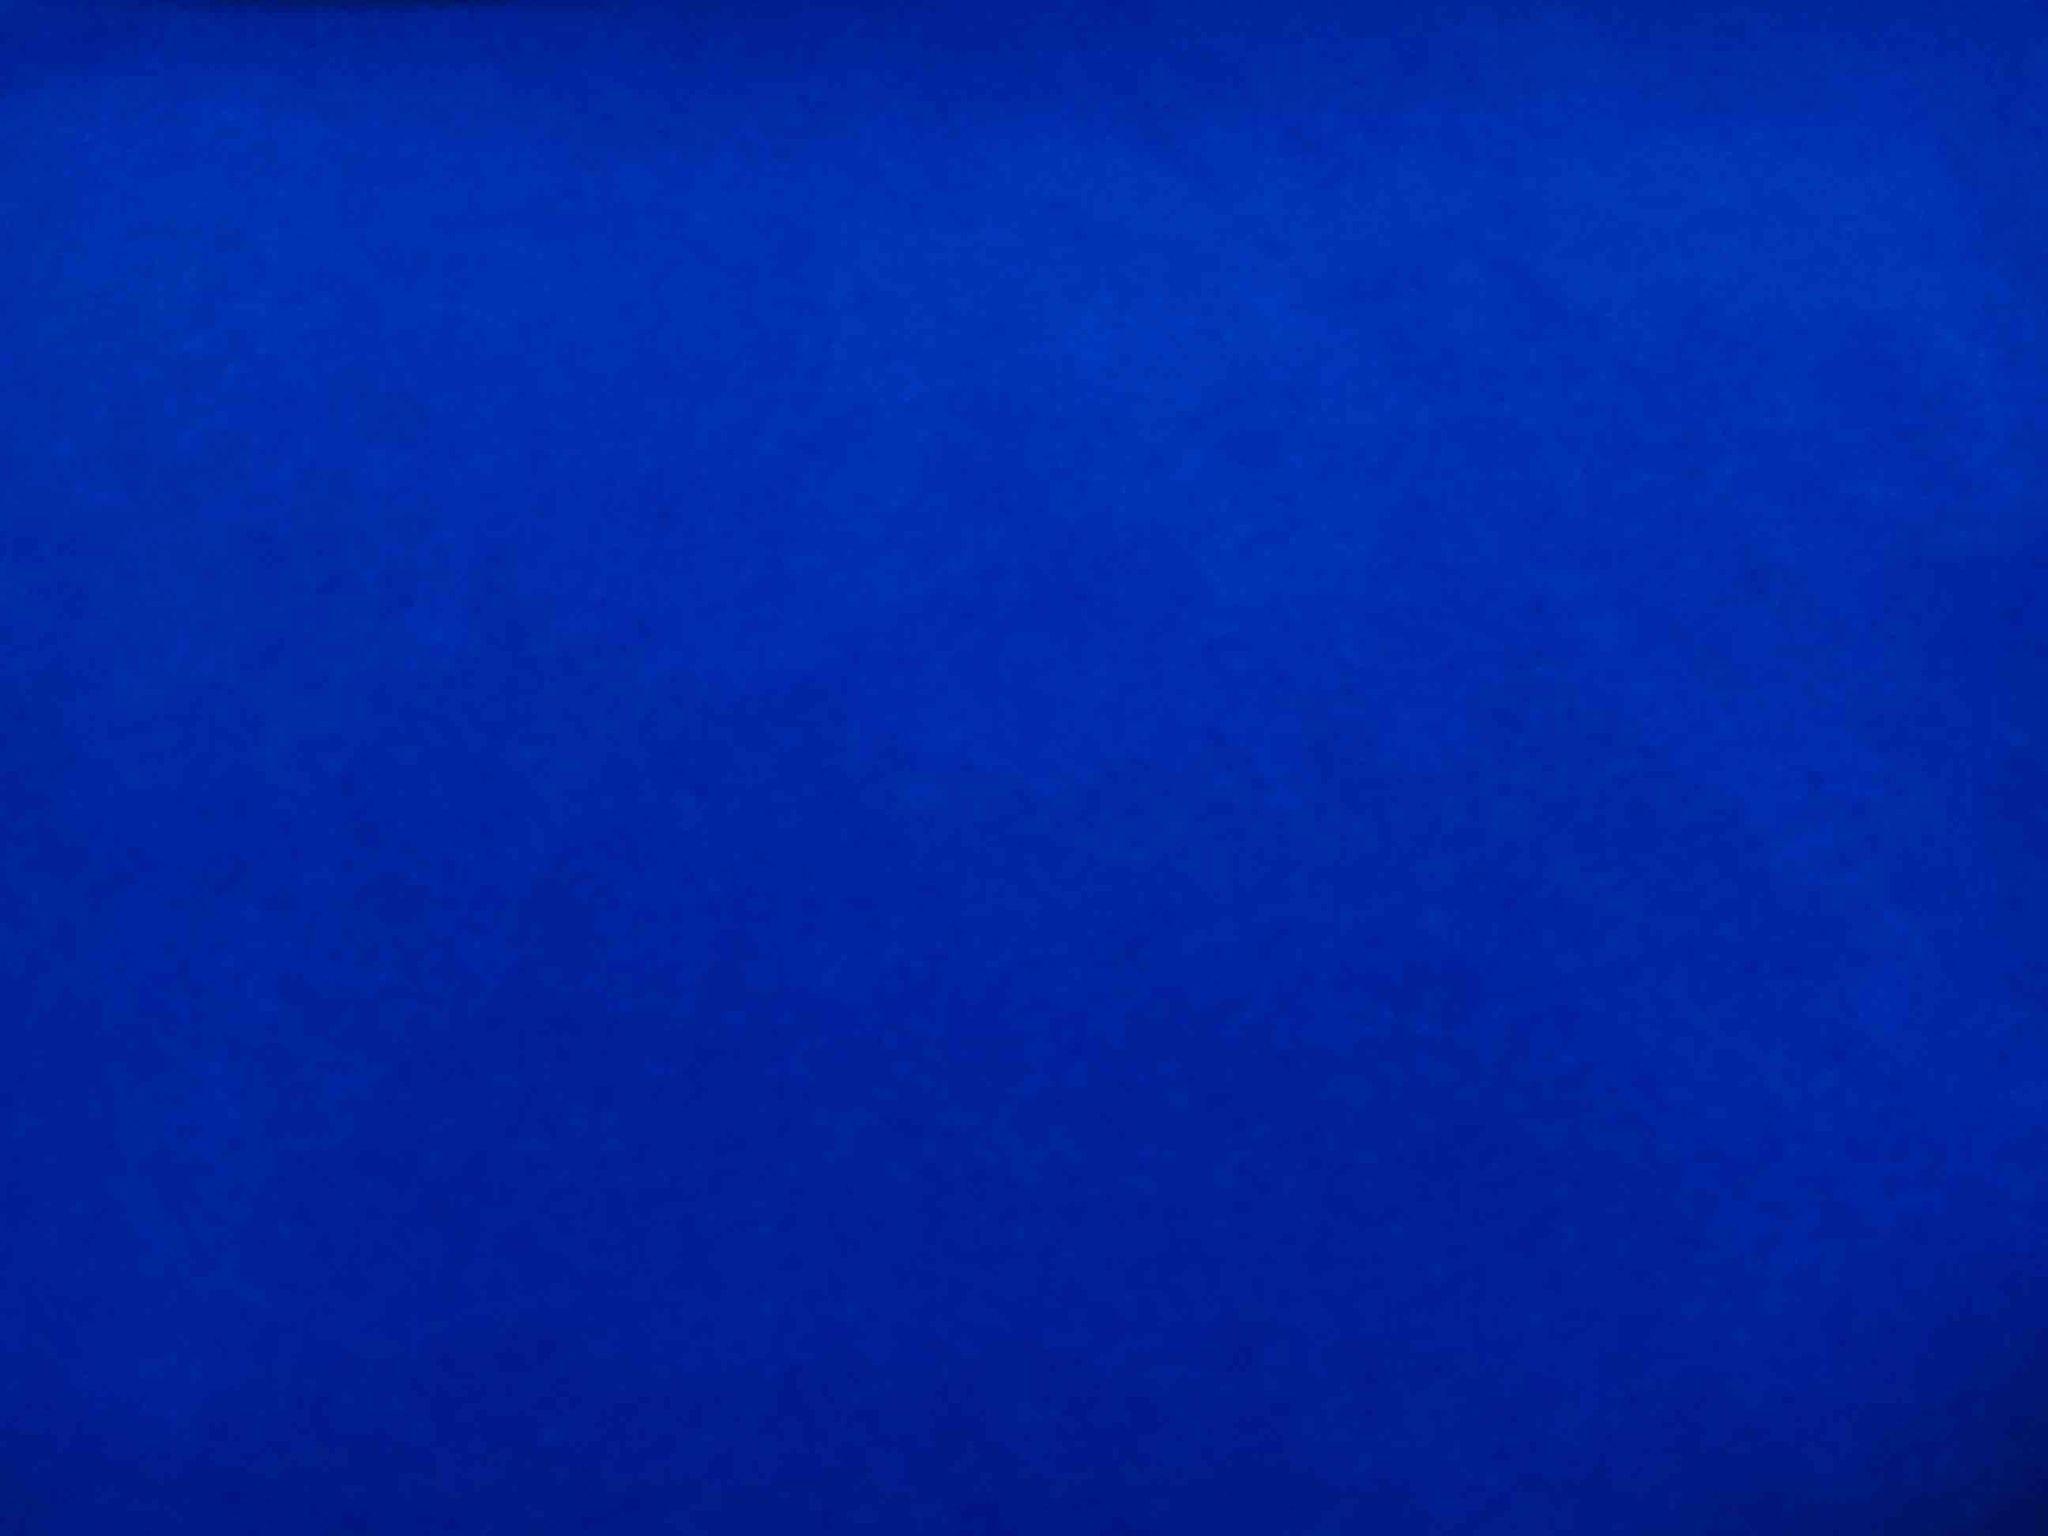 Fondos Azules, Uñas Azules